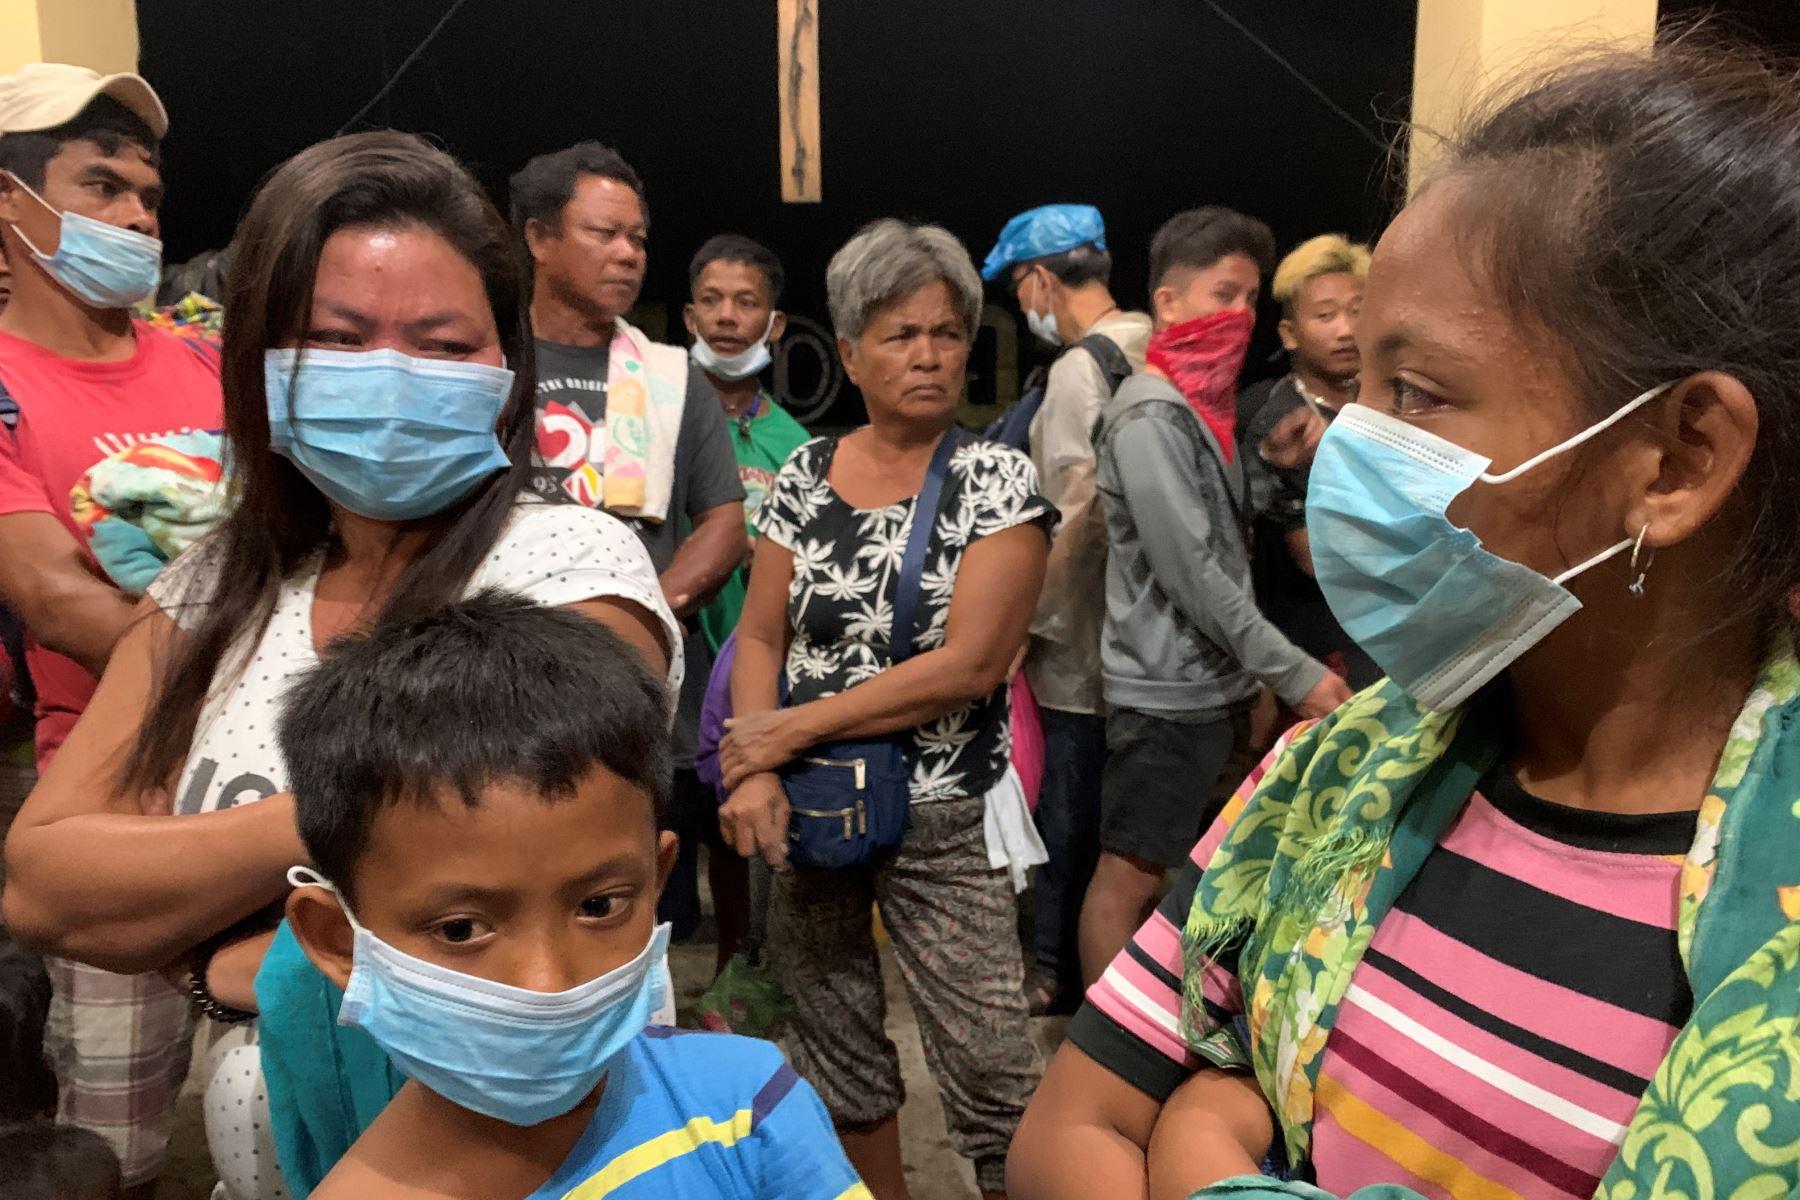 Los aldeanos se refugian dentro de una iglesia durante una erupción del volcán Taal, en Talisay, Batangas, Filipinas. Foto: EFE